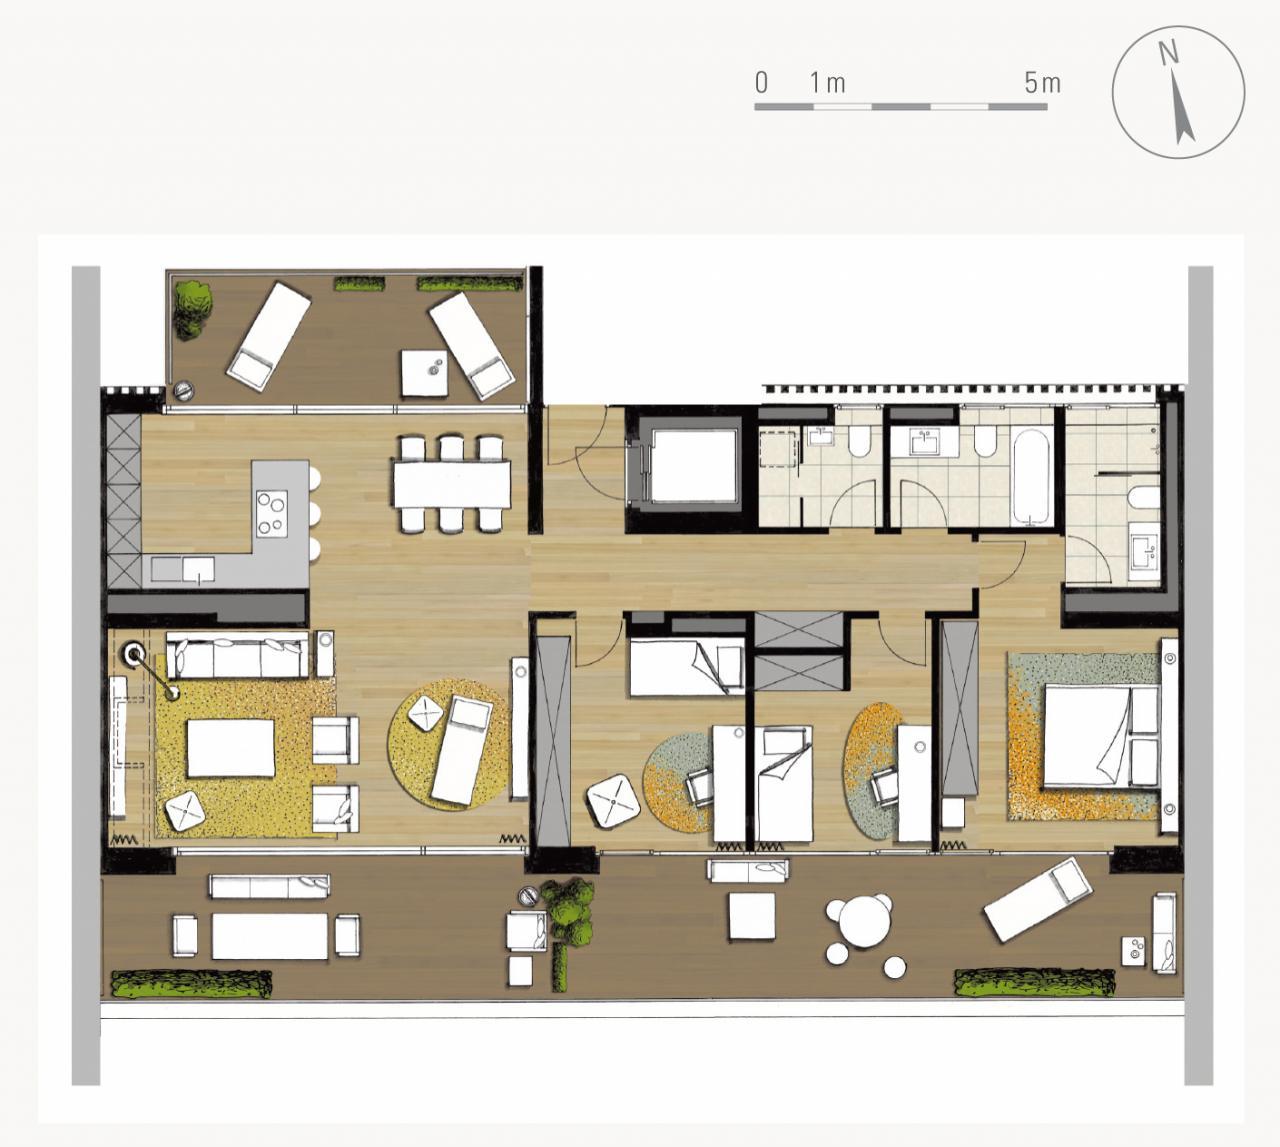 Vue En Plan Dun Duplex Pdf : Attiques genève résidence haut standing terrasse en